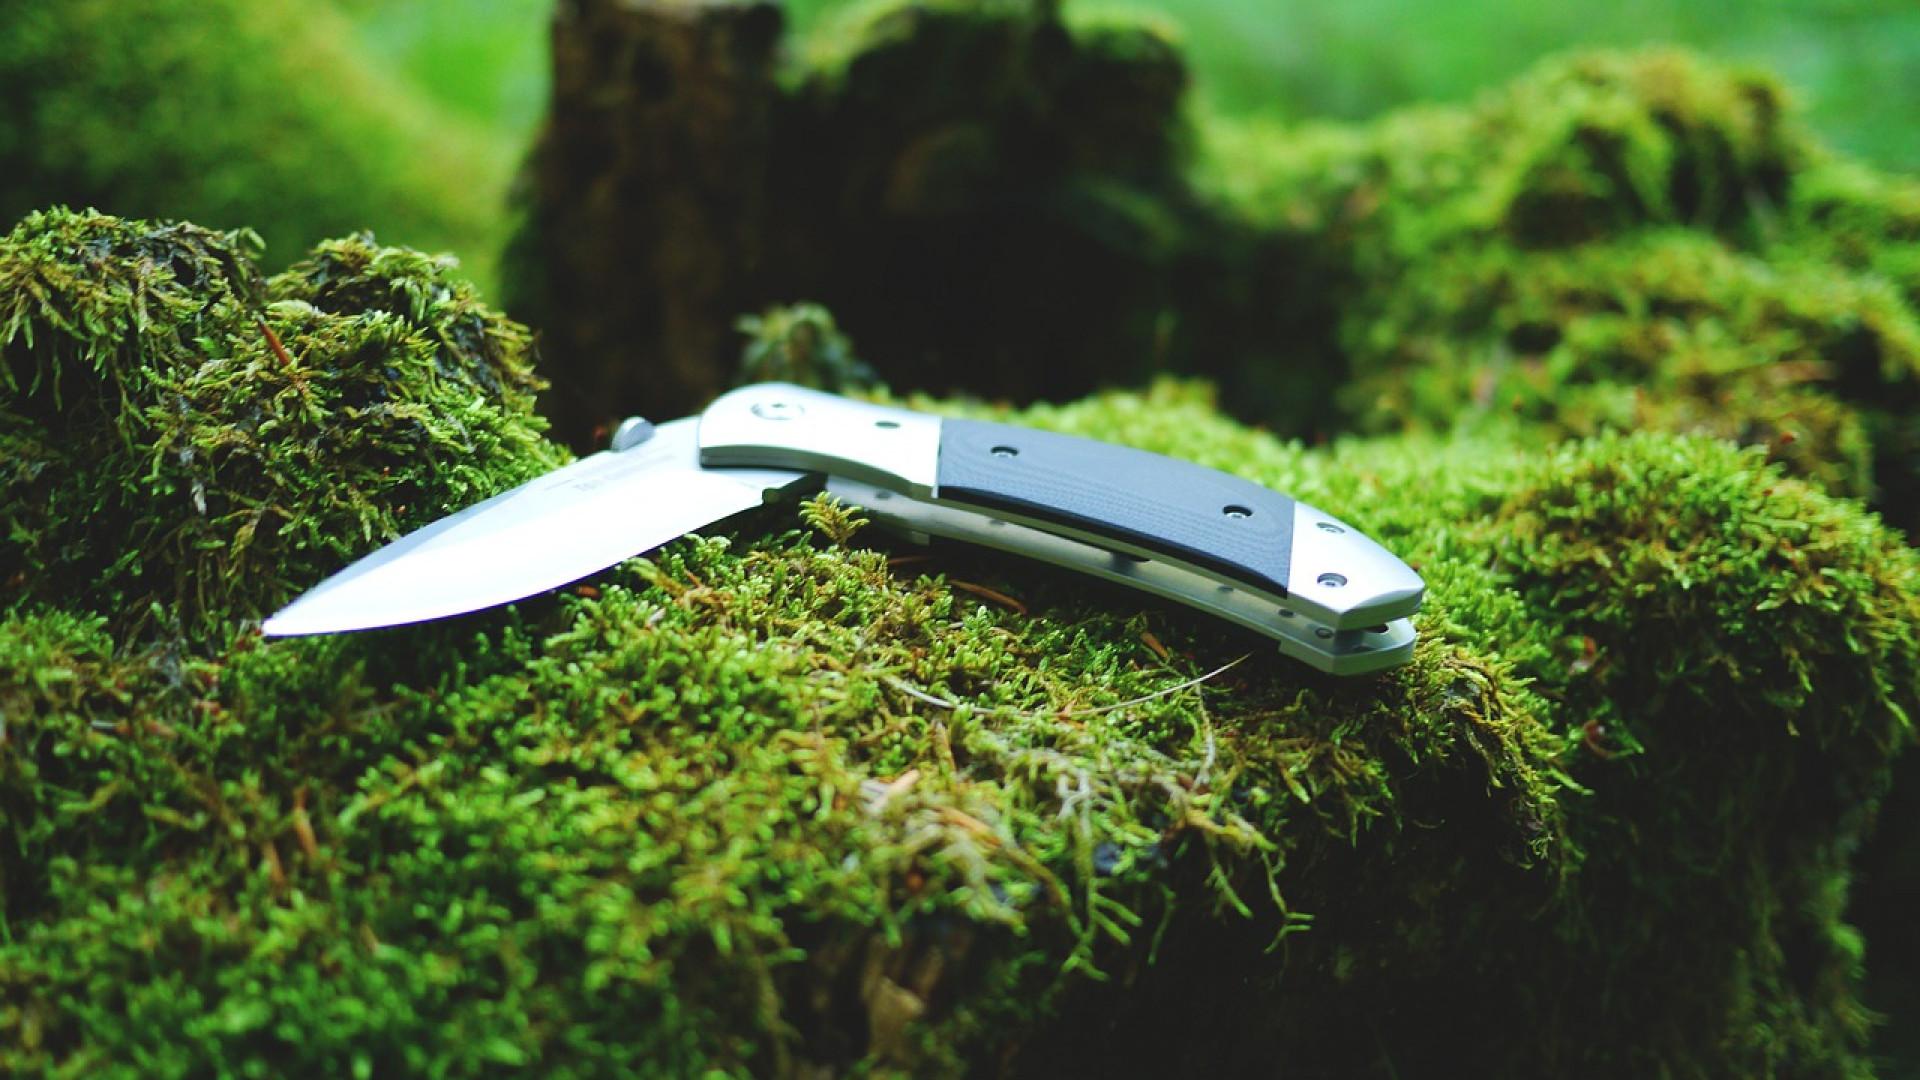 Comment choisir un couteau de survie ?